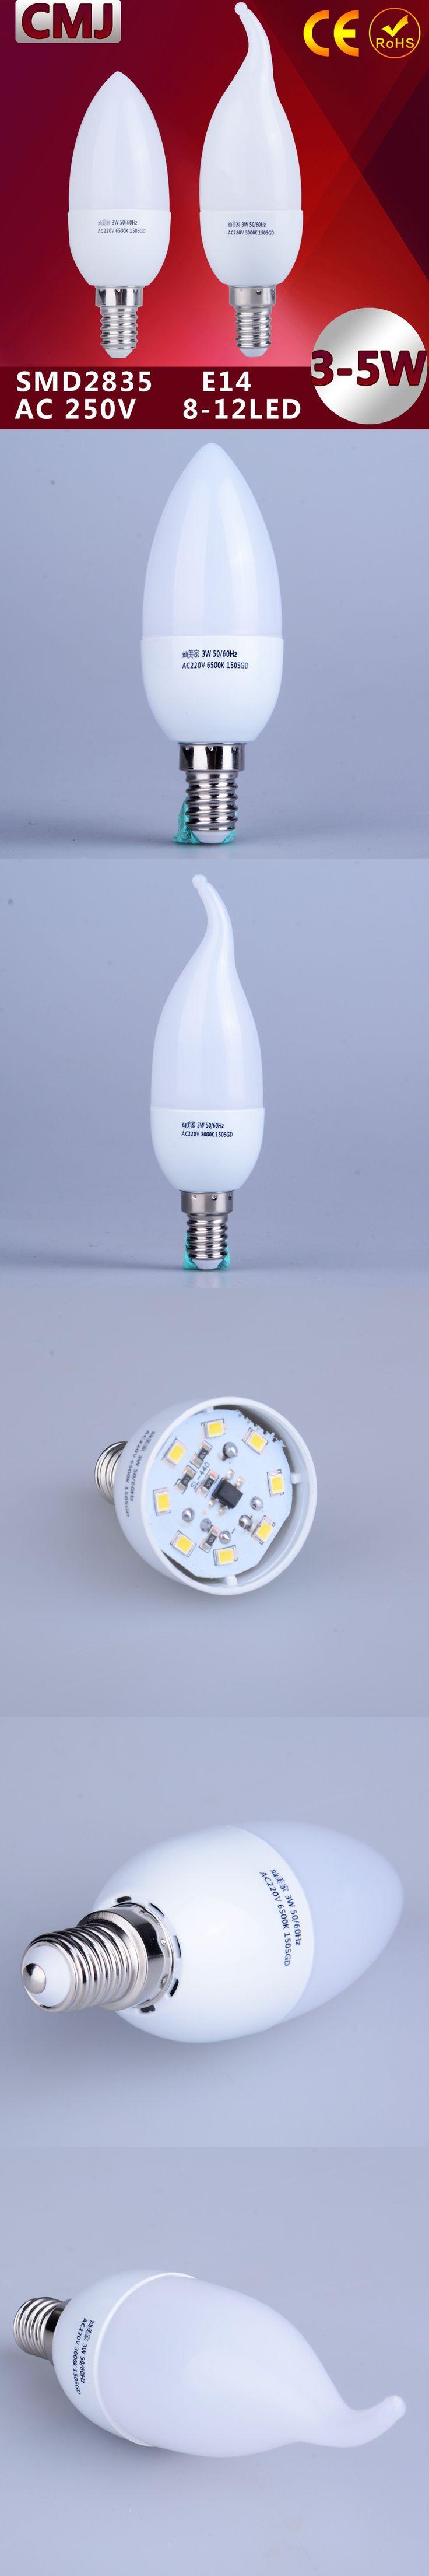 1pcs E14 Led Candle Energy Saving Lamp Light Bulb Velas Led Decorativas Home Lighting Decoration Led Lamp E14 5w 3w 220v Smd2835 $1